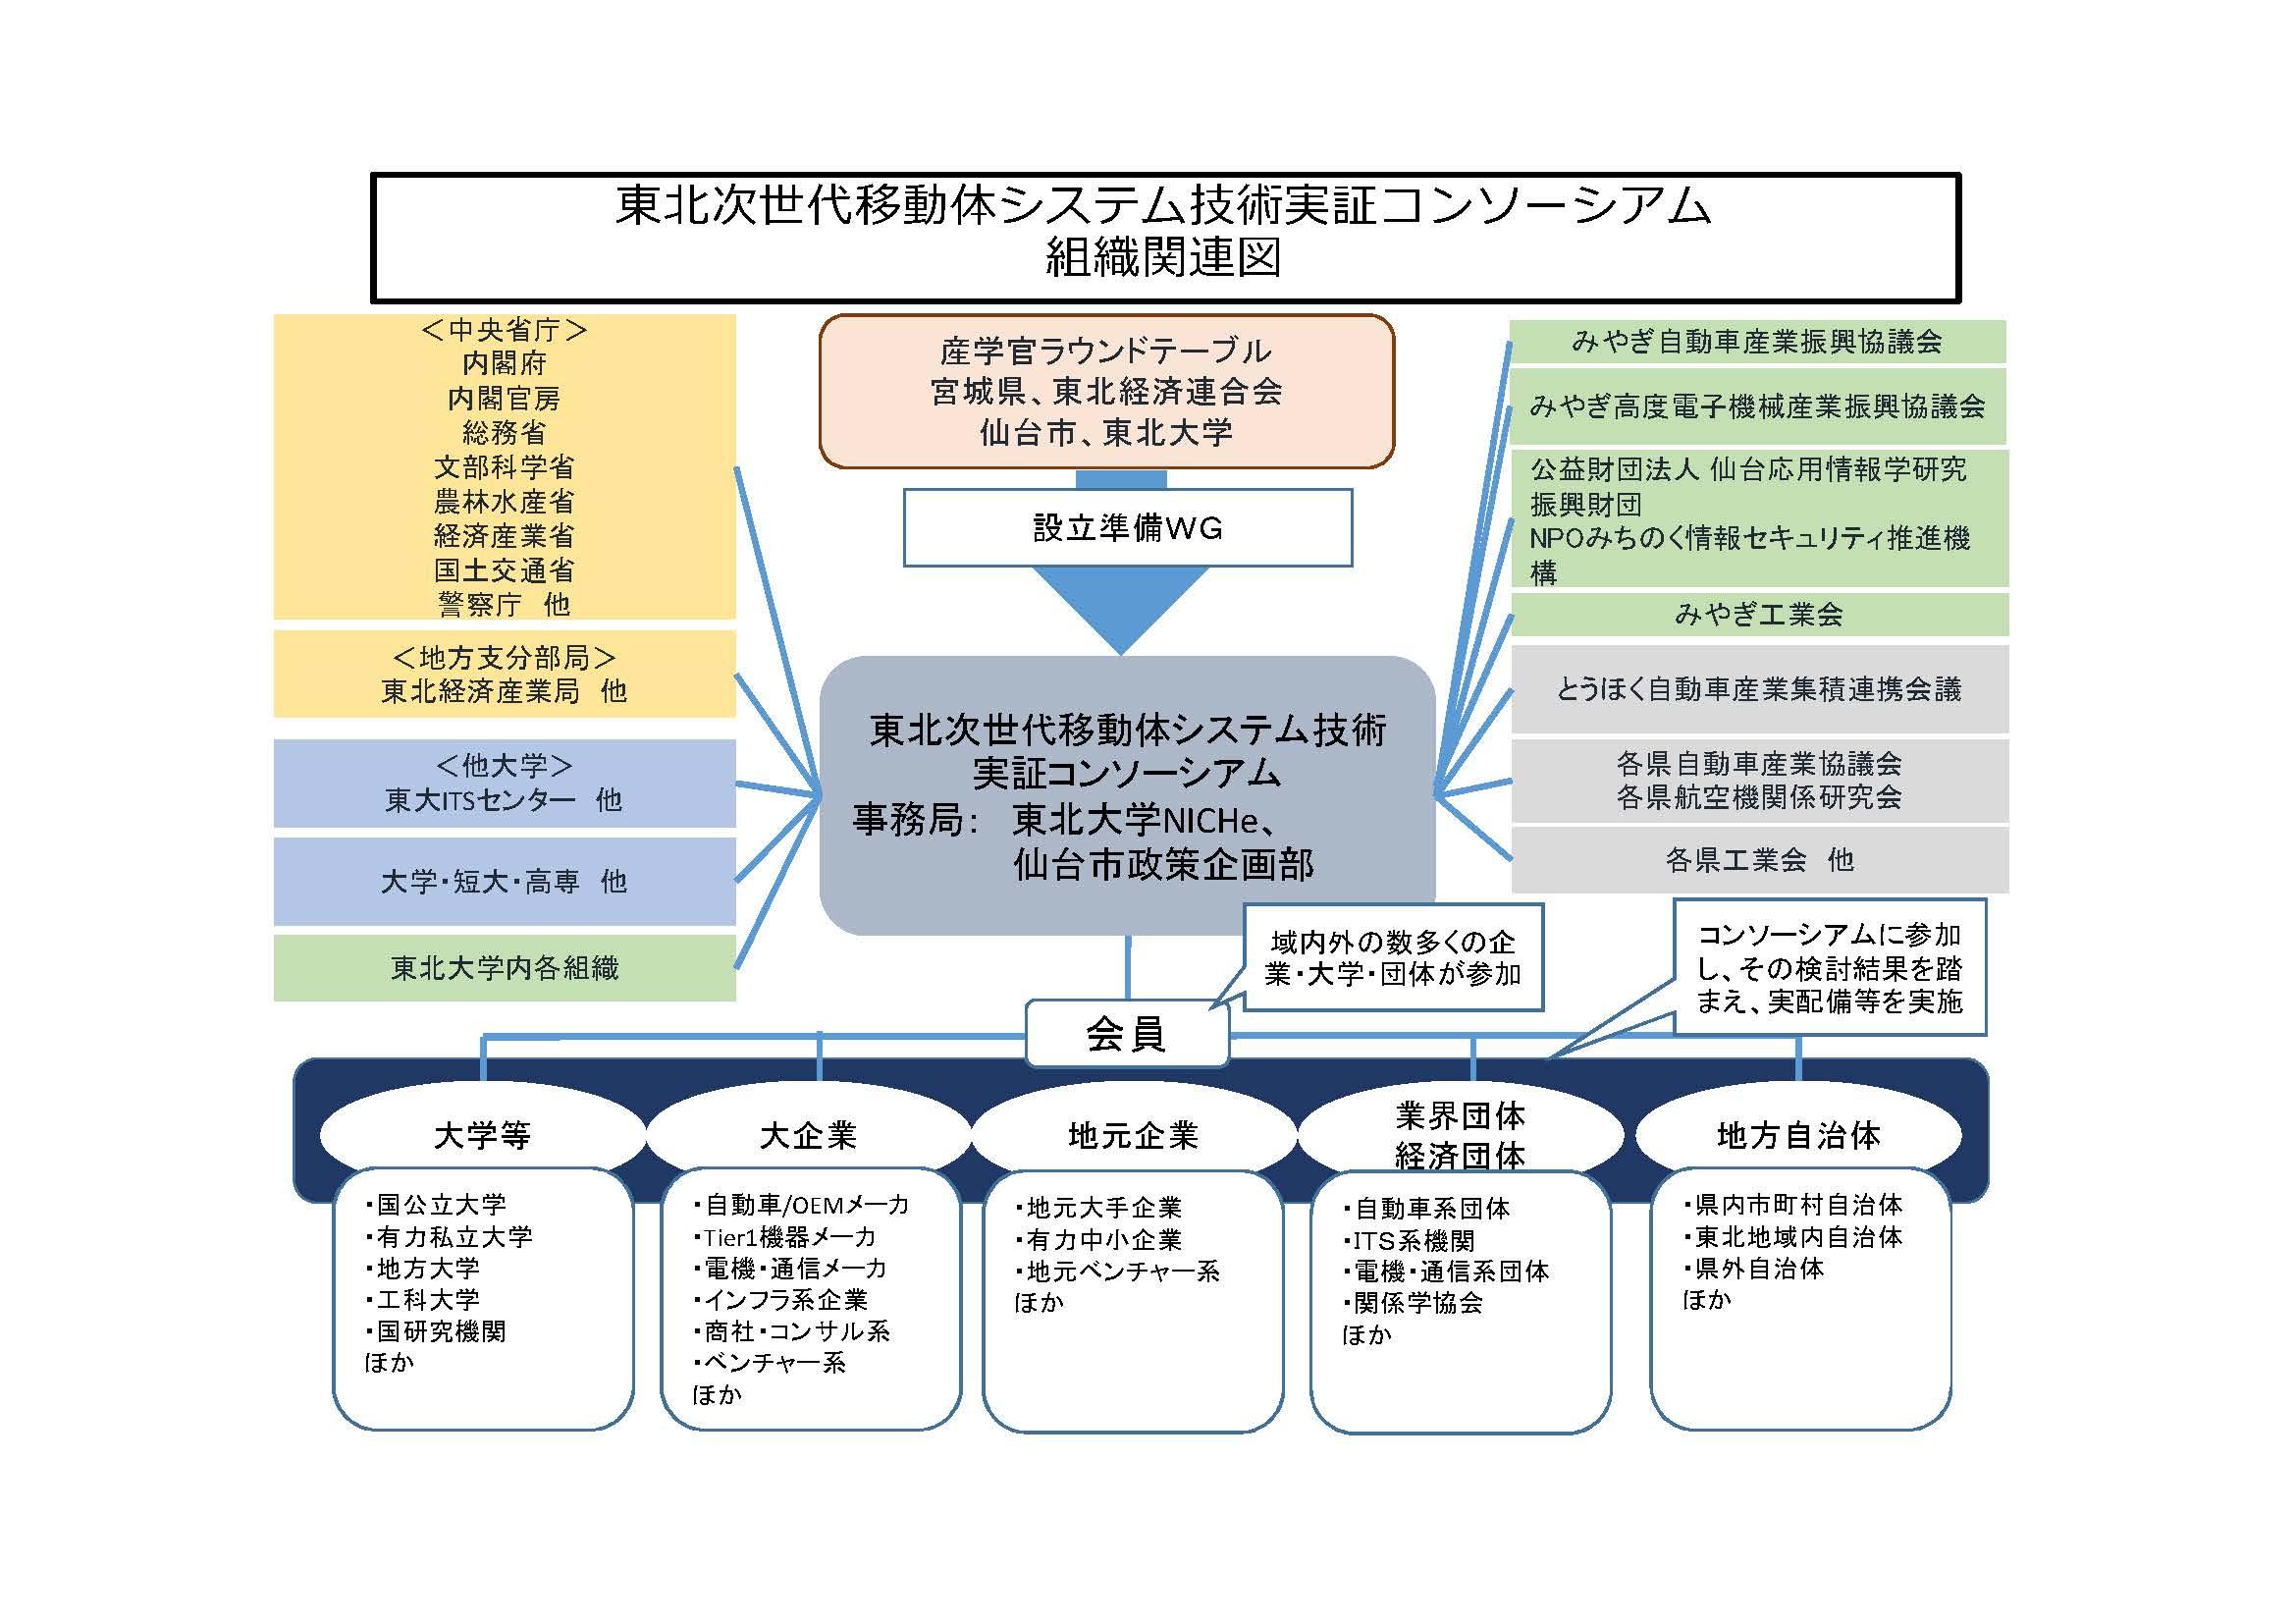 「東北次世代移動体システム技術実証コンソーシアム」関連組織図